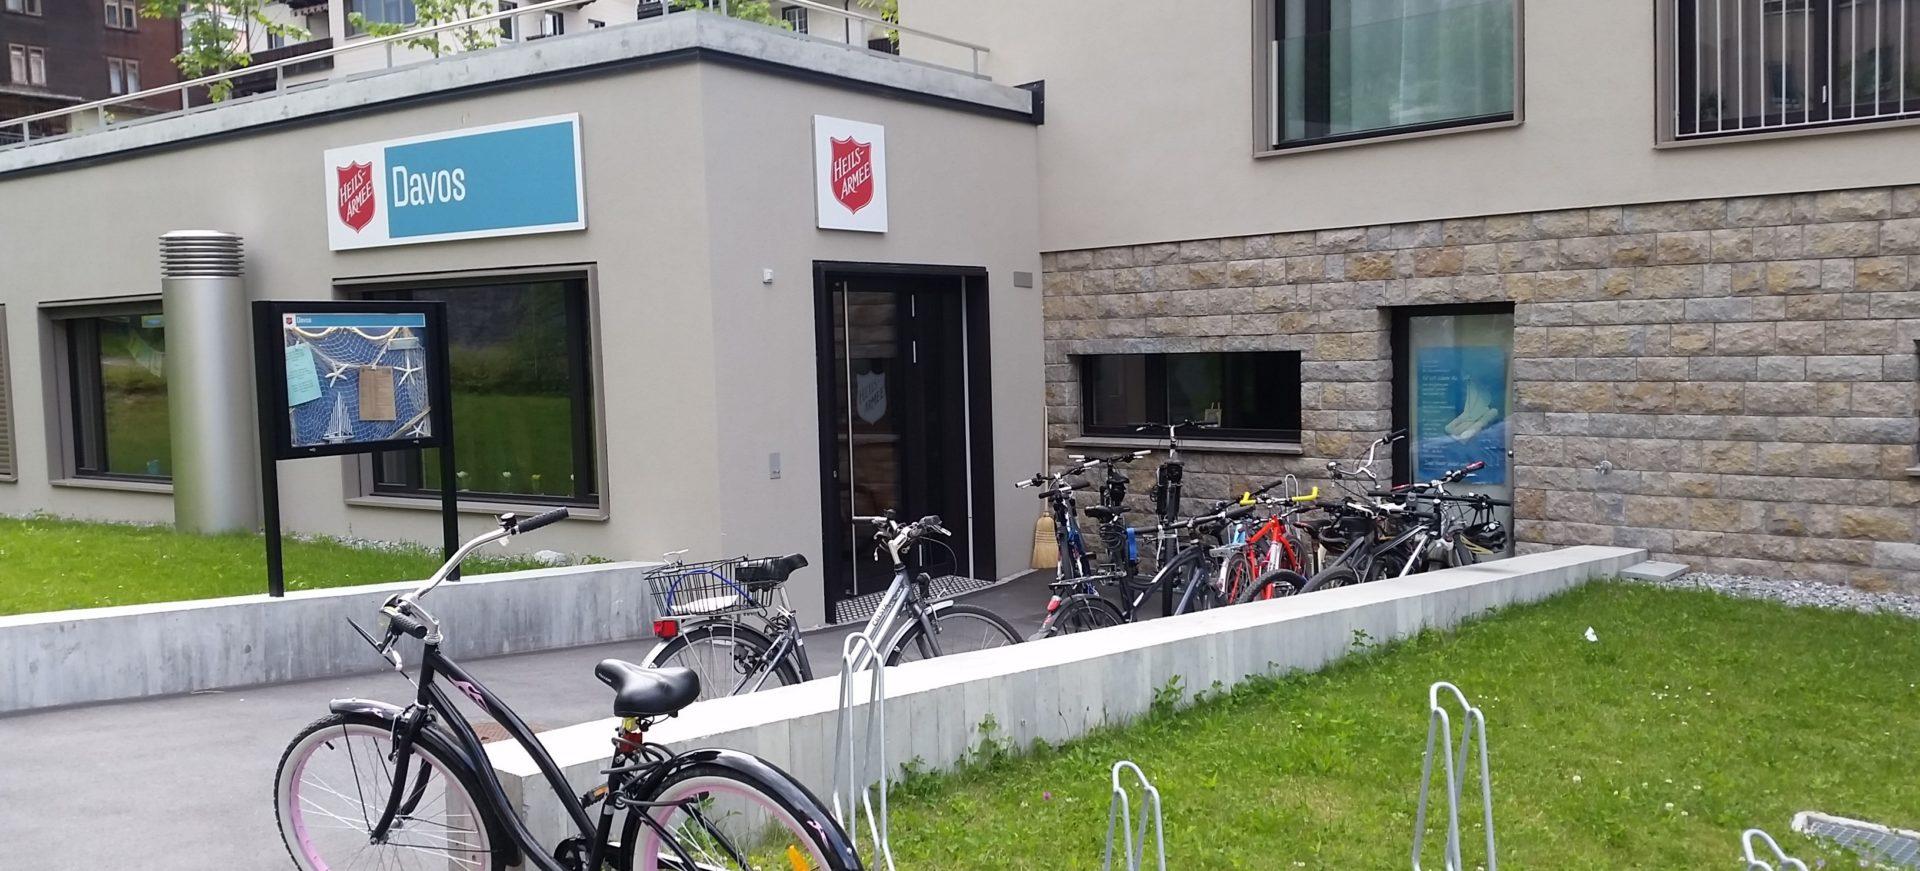 Heilsarmee Davos Lokal